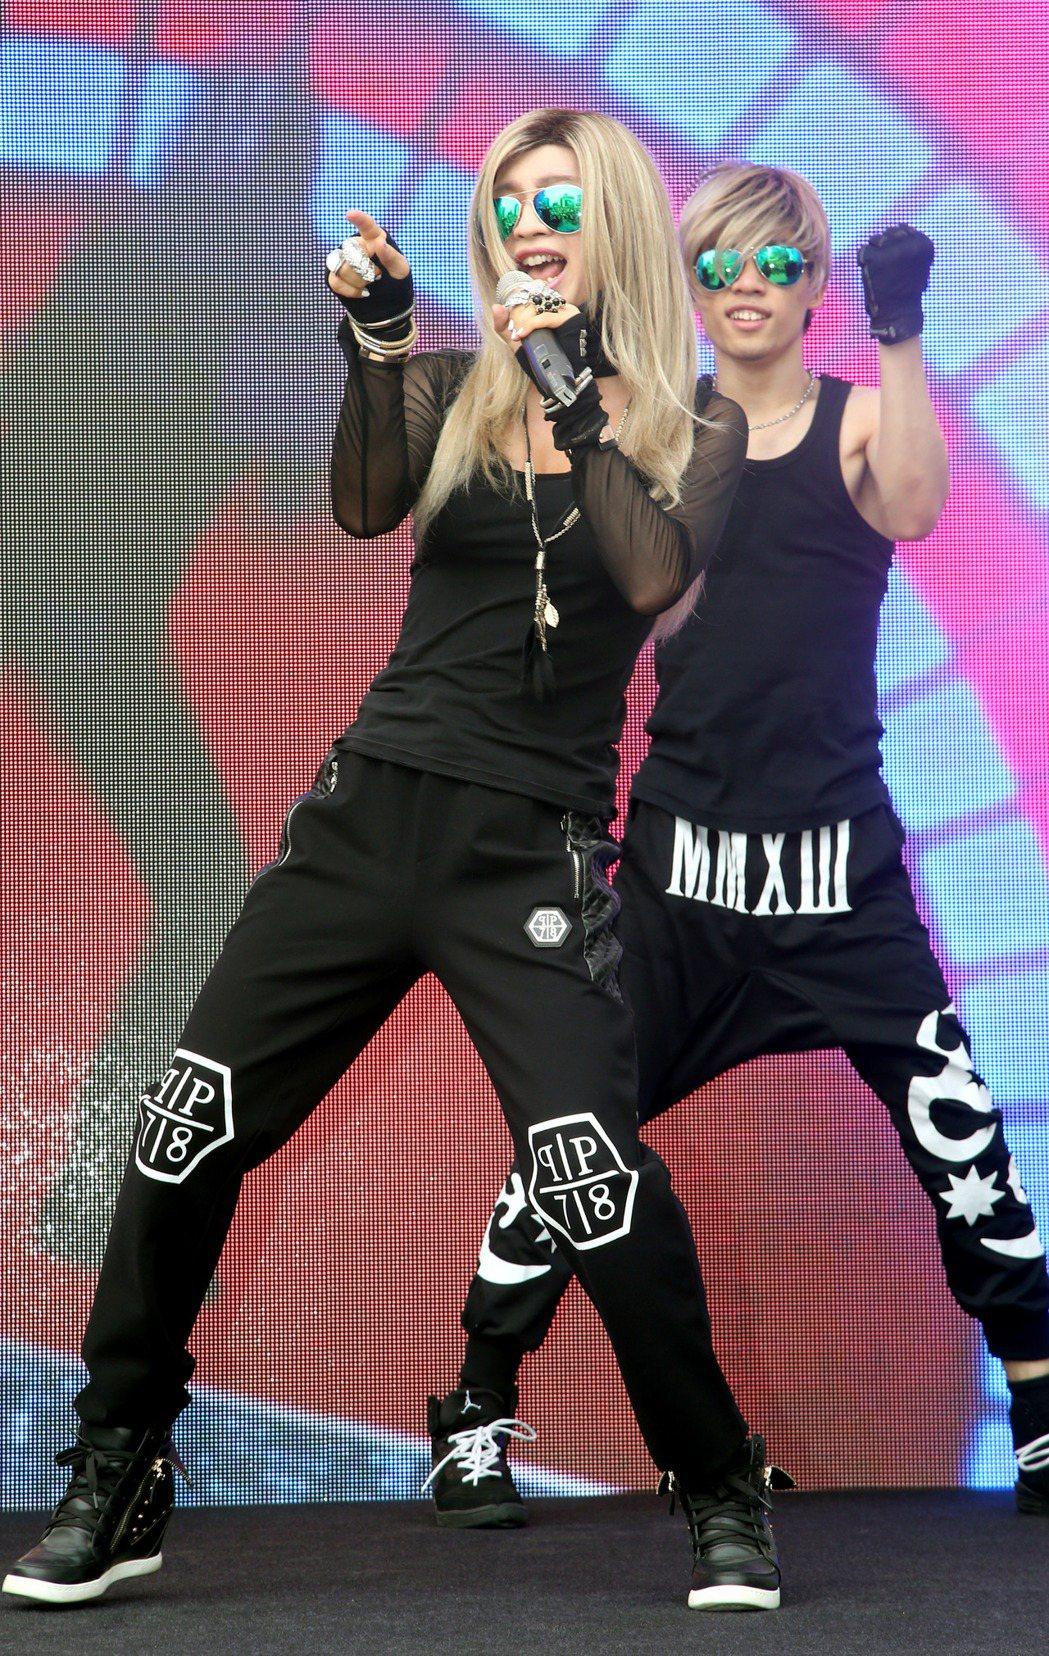 來自馬來西亞的歌手鍾潔希(左)在台北西門町為新專輯舉辦簽唱會,兒子Jeffrey...